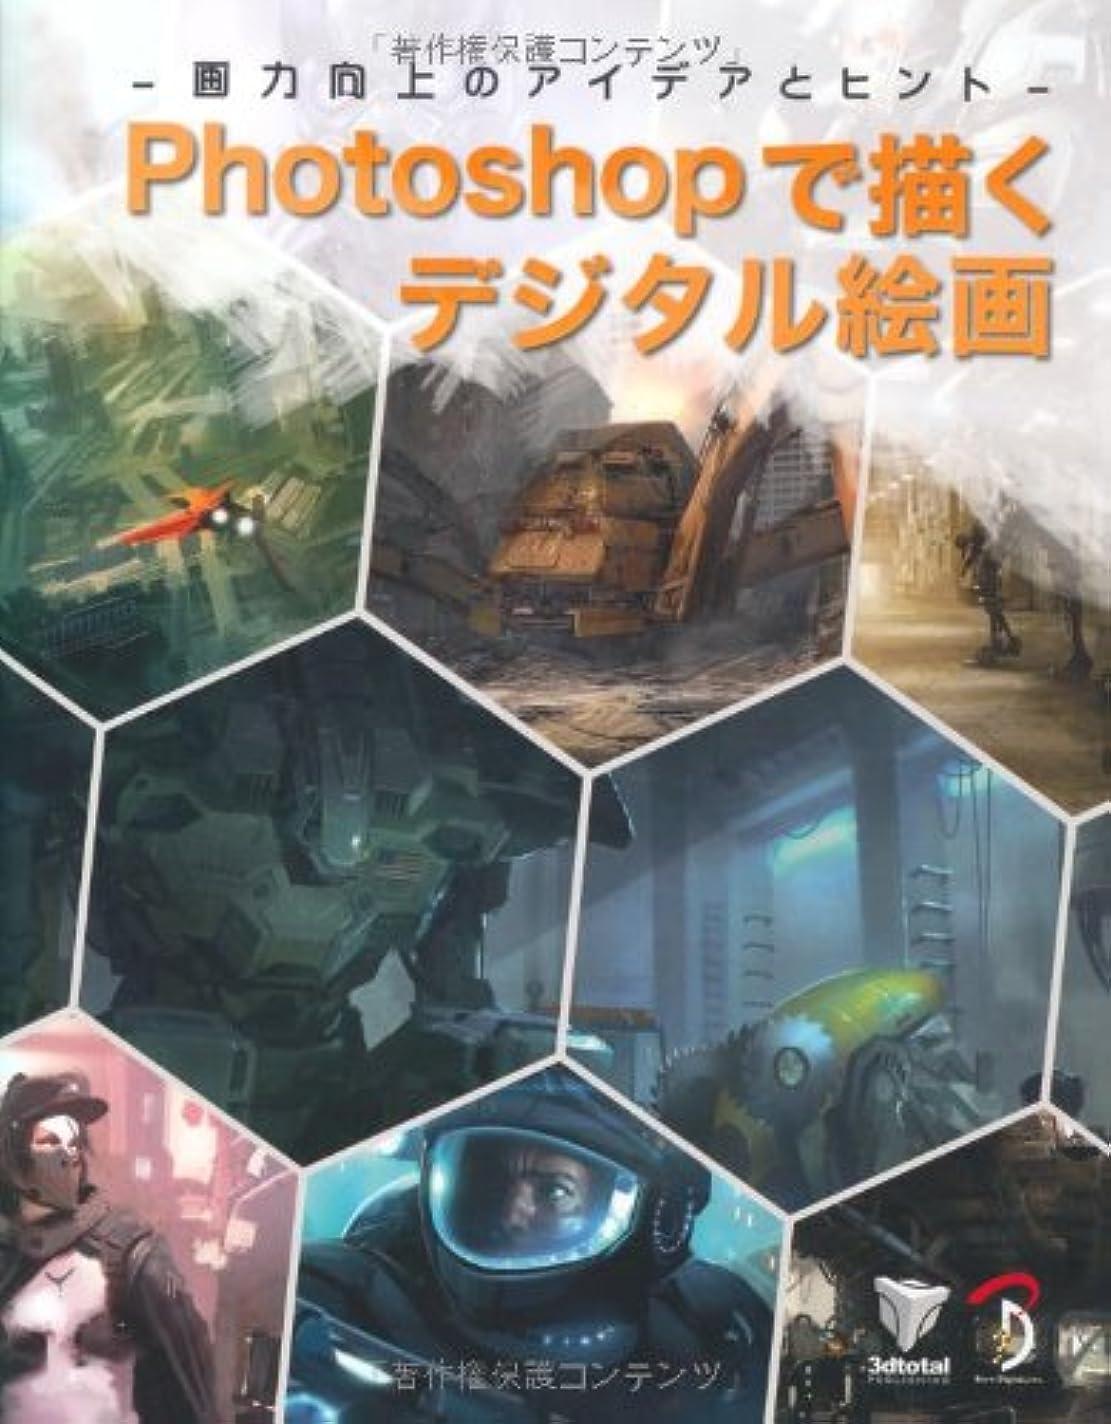 詐欺地平線真実にPhotoshopで描くデジタル絵画 -画力向上のアイデアとヒント-